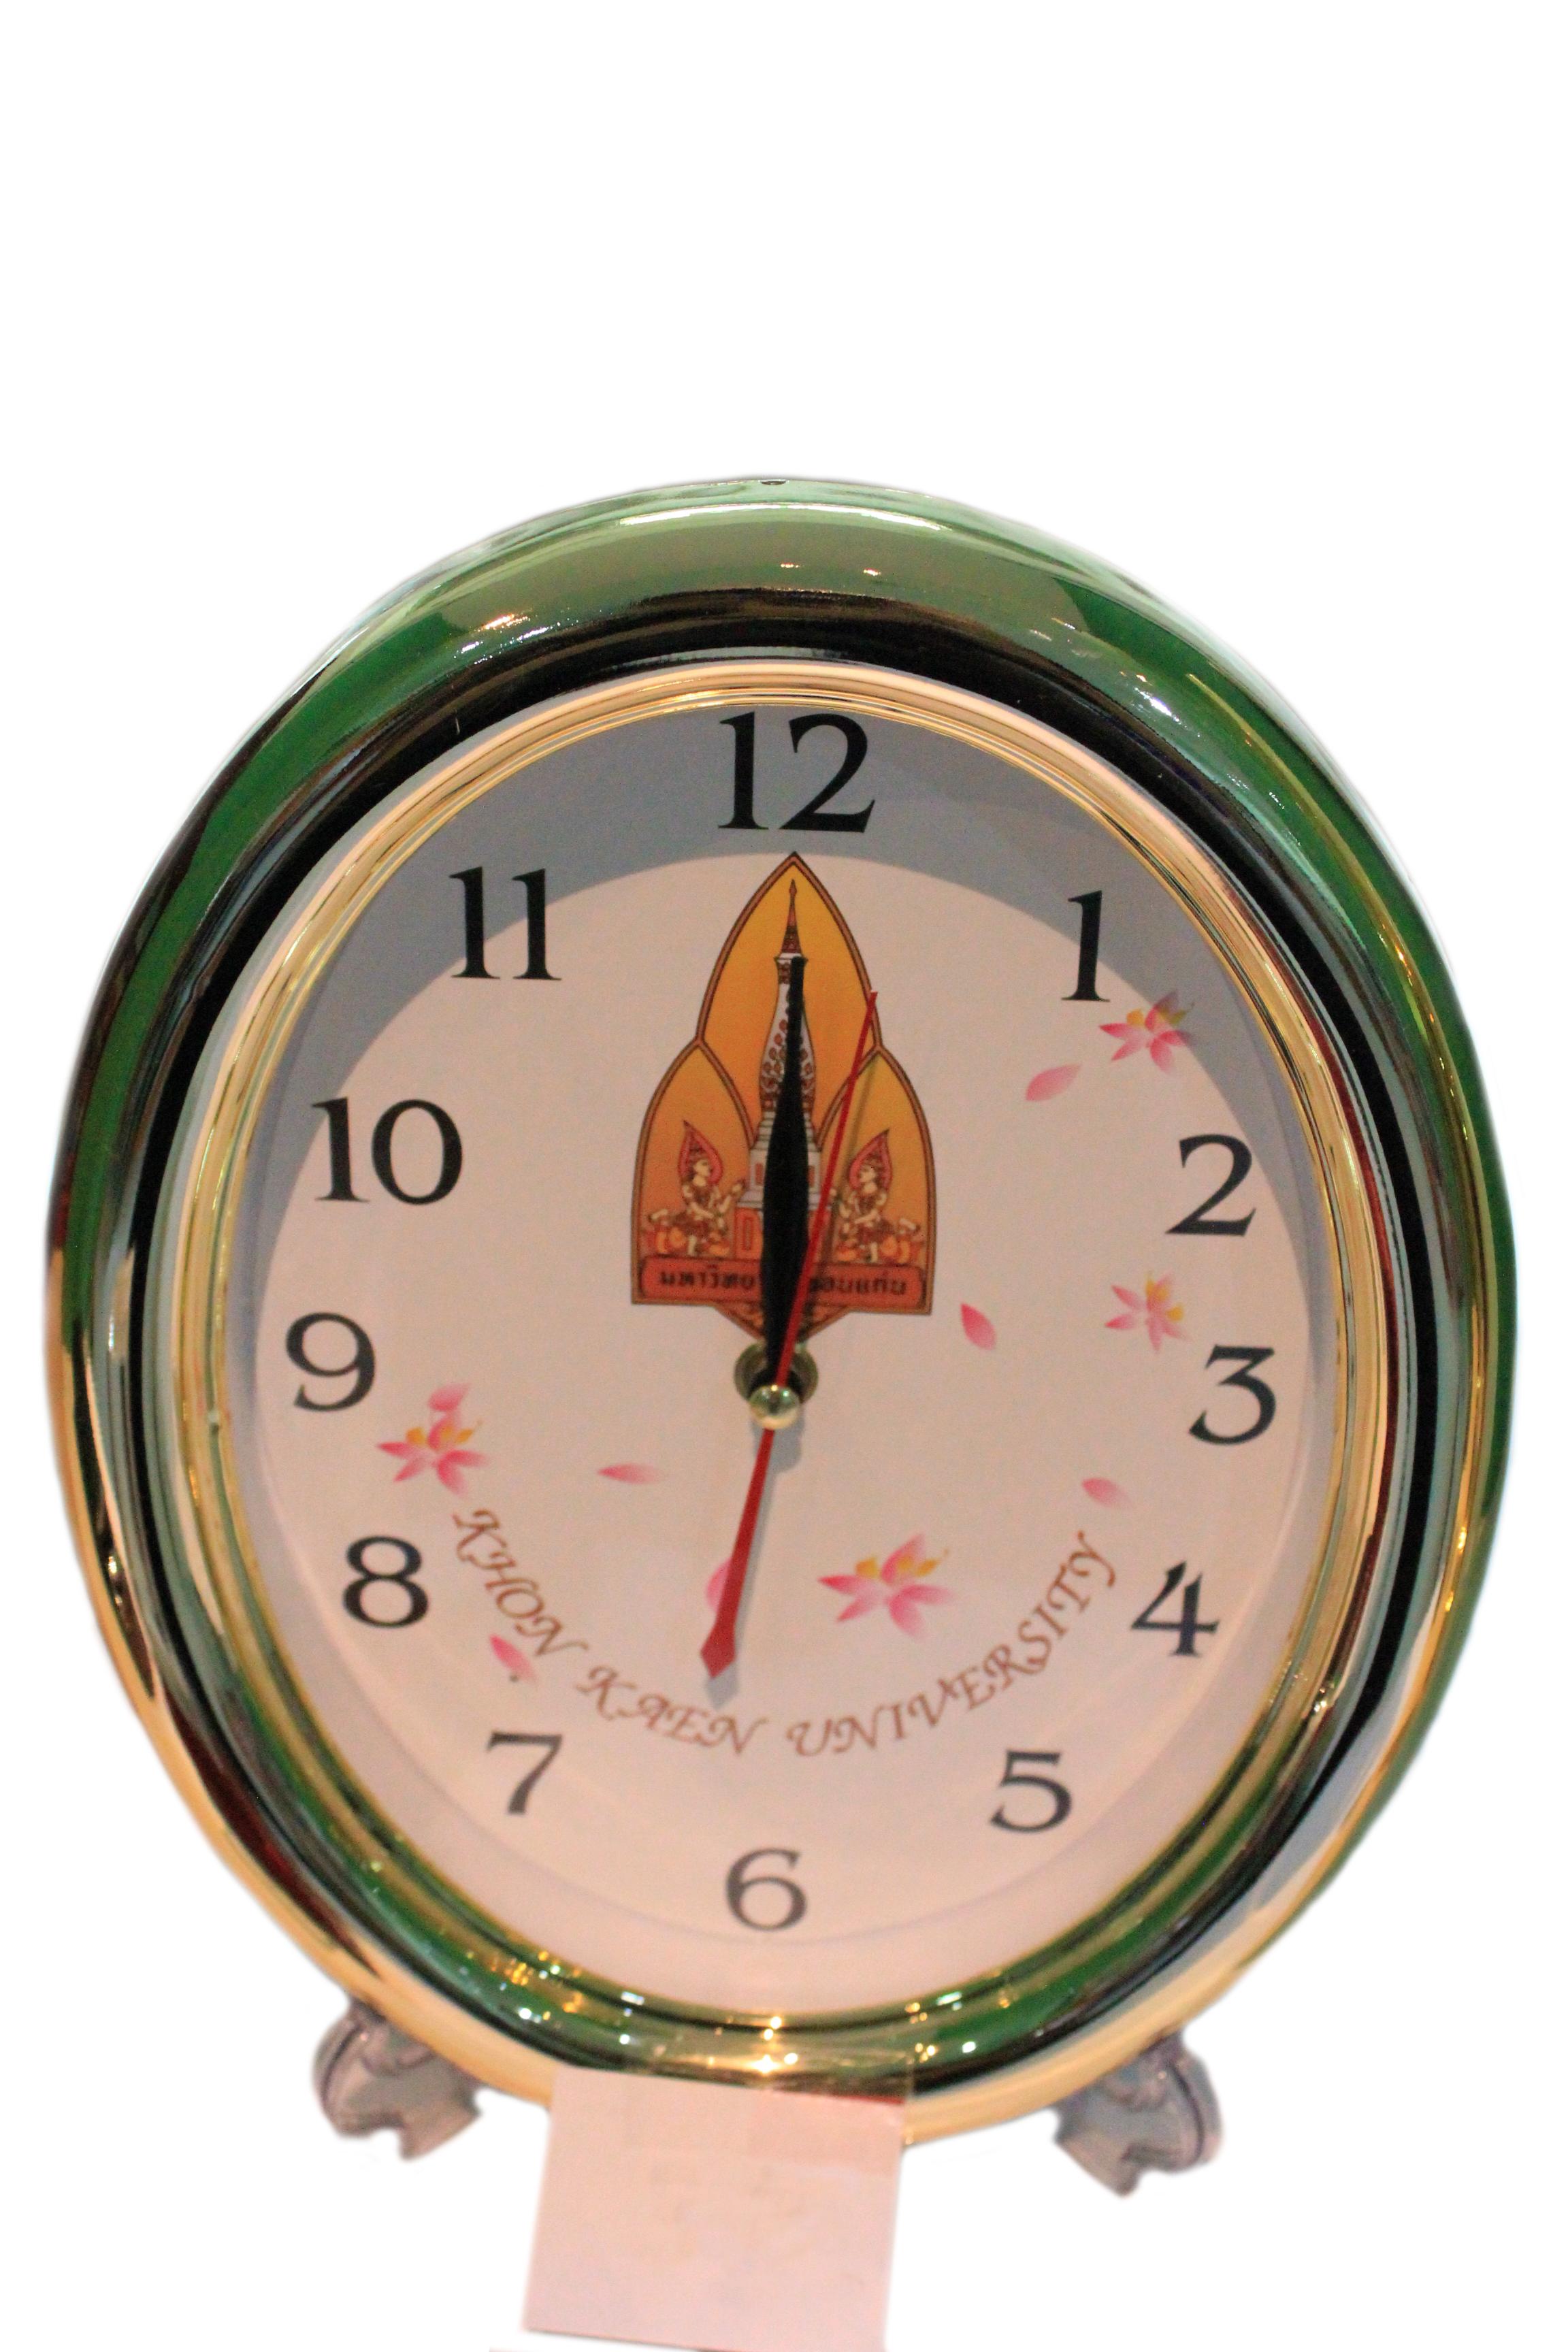 นาฬิกาแขวนรูปไข่ สีทอง